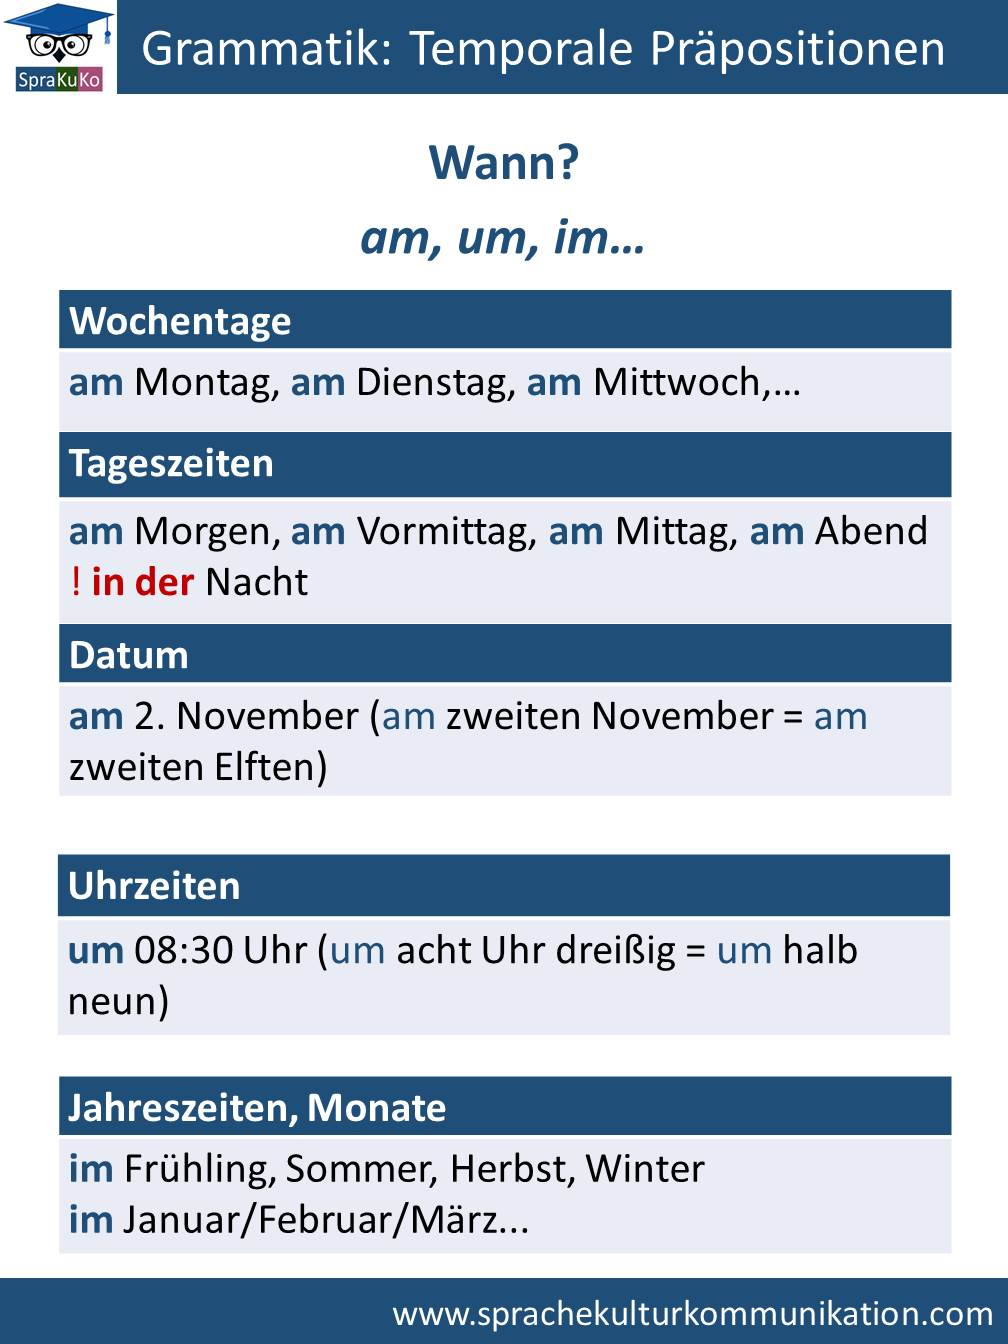 wann am freitag im februar oder um 17 00 uhr deutsch lernen und unterrichten sprakukos. Black Bedroom Furniture Sets. Home Design Ideas